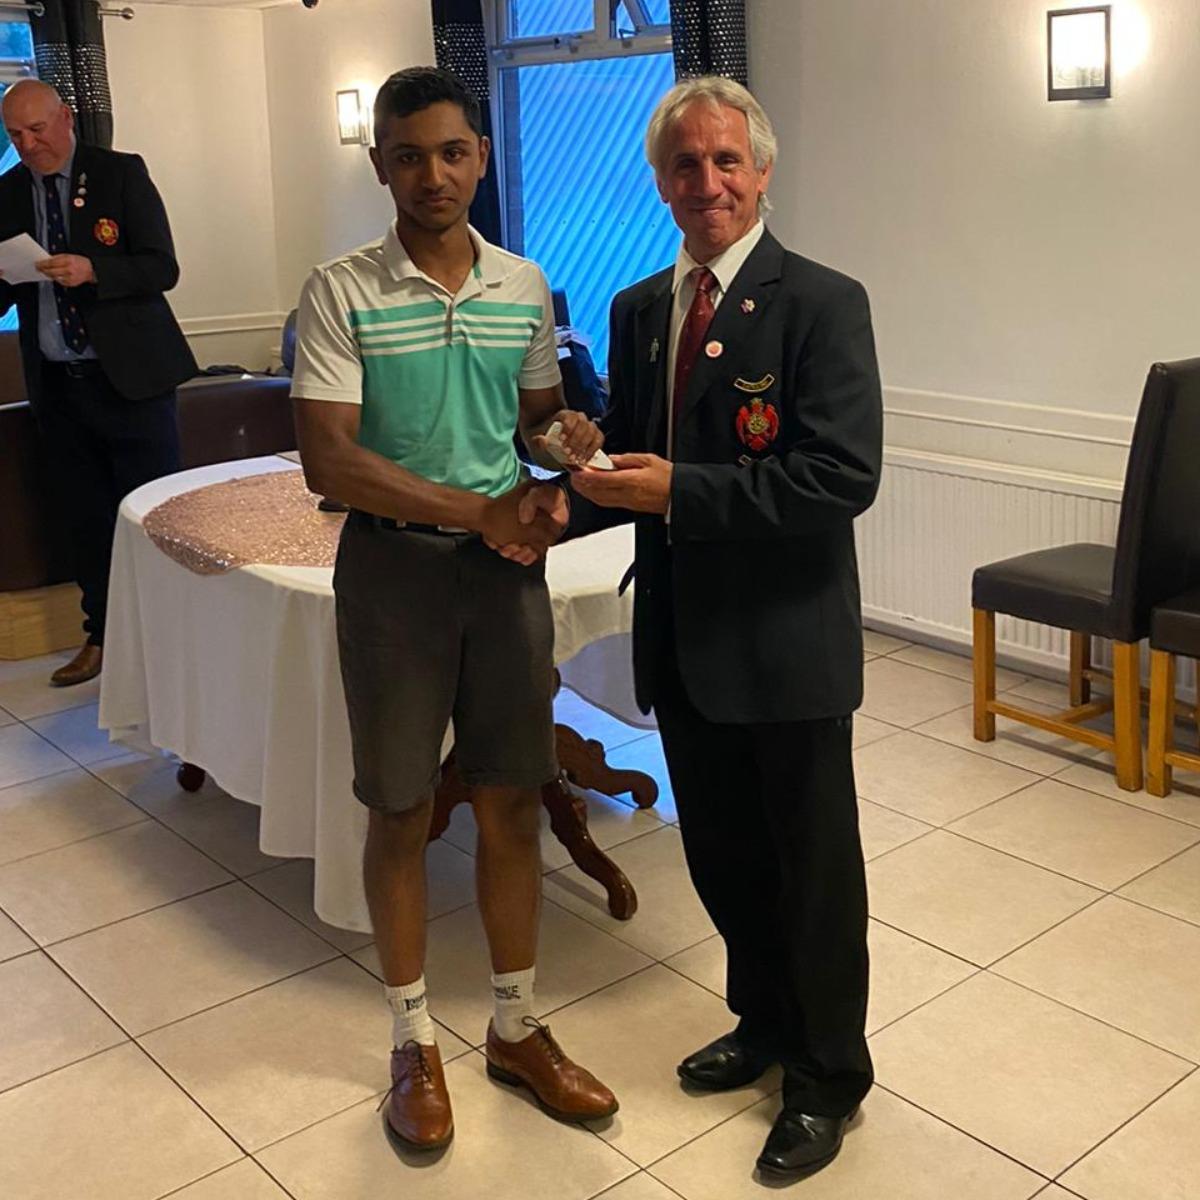 Shaun Thomas - 3rd place club championship